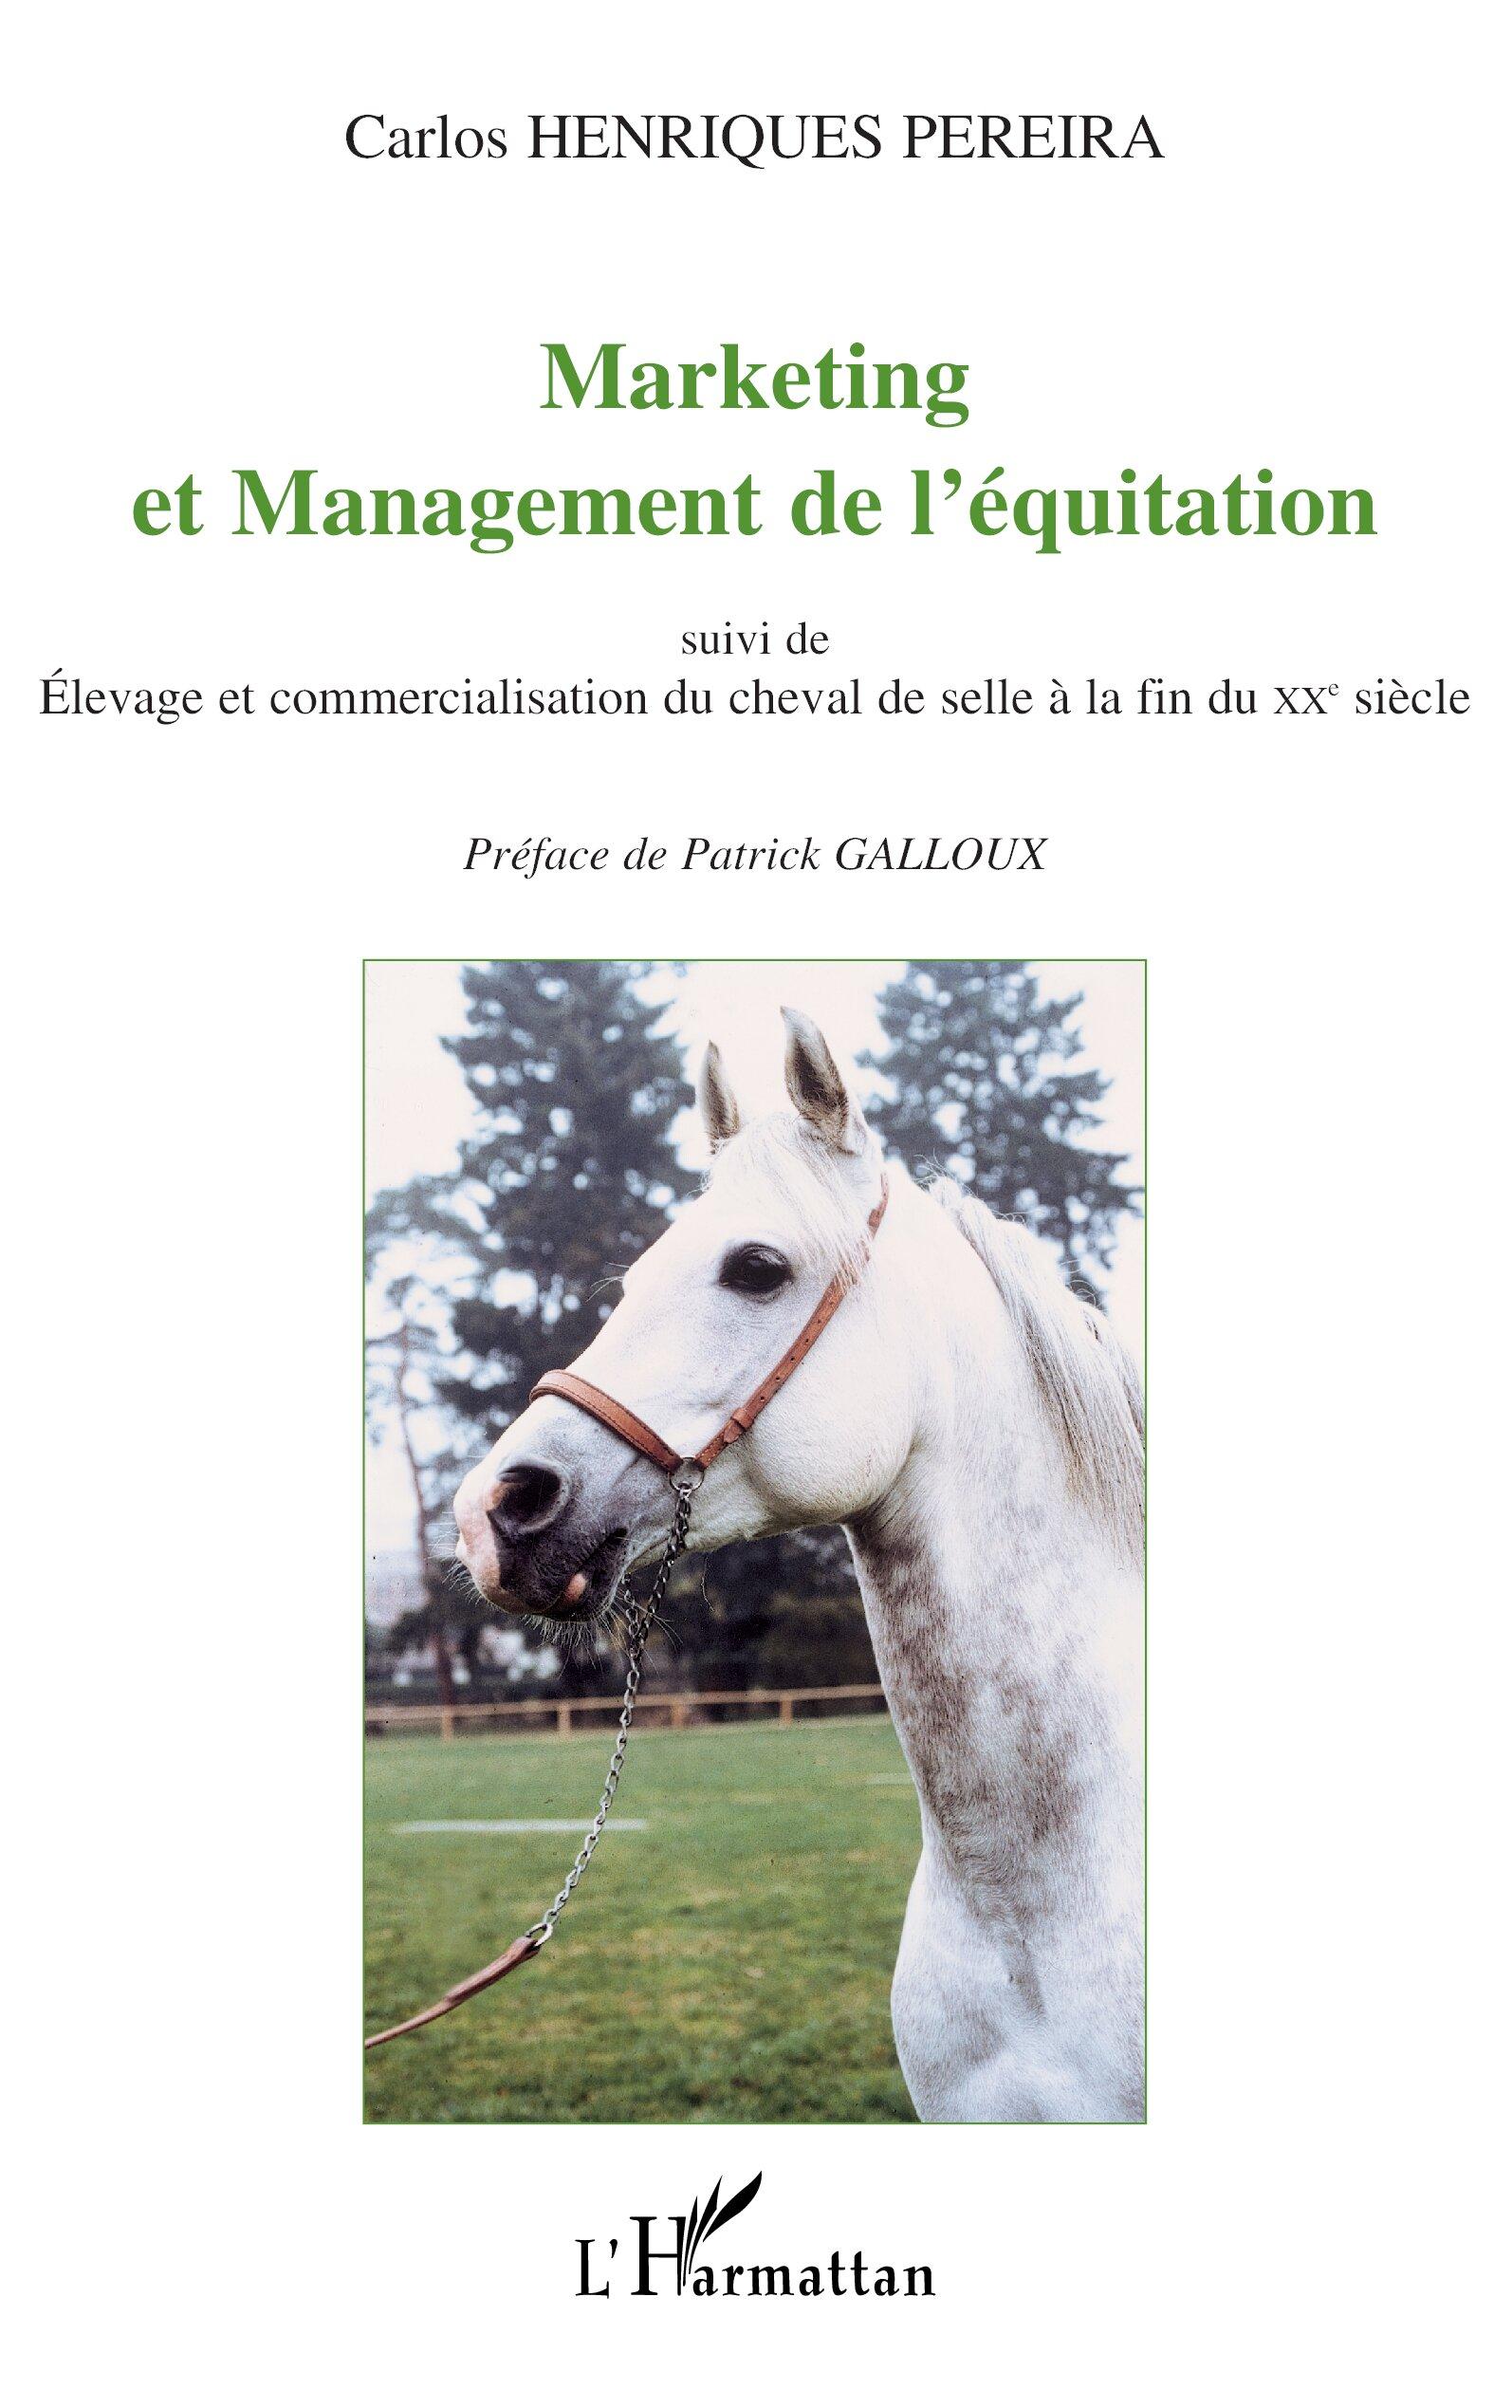 MARKETING ET MANAGEMENT DE L'éQUITATION suivi de de de Elevage et bf44aa